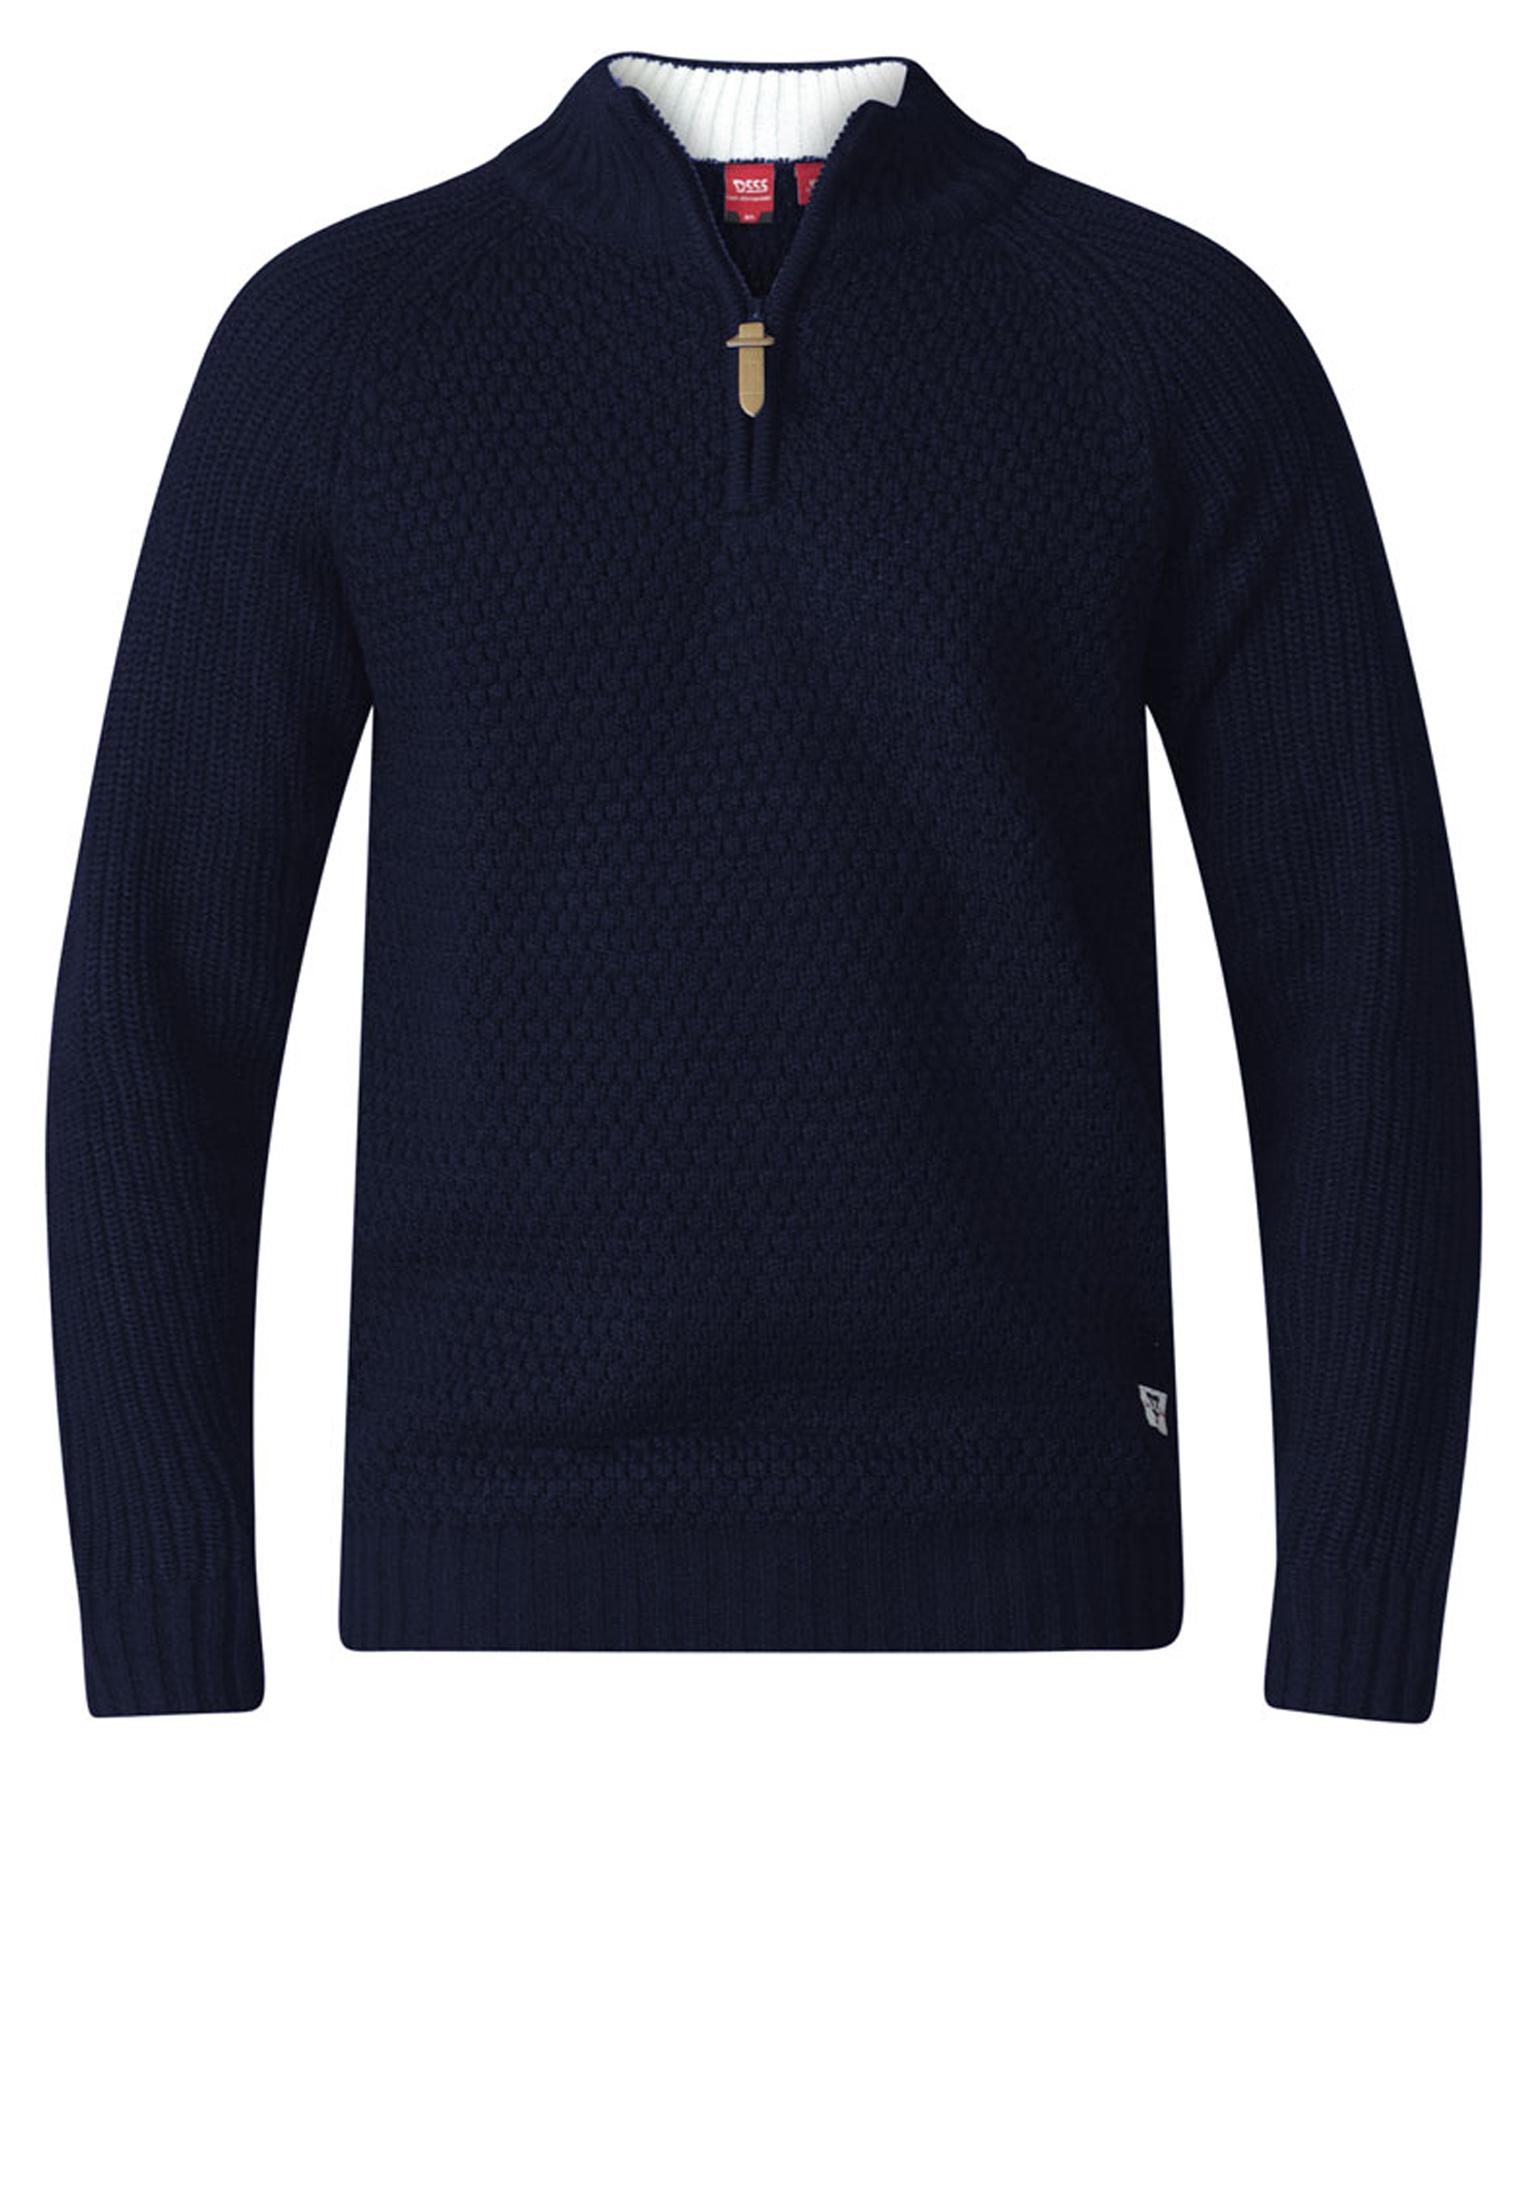 Gebreide trui van D555 met kleine opstaande kraag met rits, uitgevoerd in de kleur blauw. De zomen zijn iets strakker gebreid dan de trui zelf, hierdoor heeft de trui een betere pasvorm. Het is een niet al te dikke trui waardoor hij zowel met de minder koude dagen te dragen is. Erg leuke trui om op een spijkerbroek te dragen.